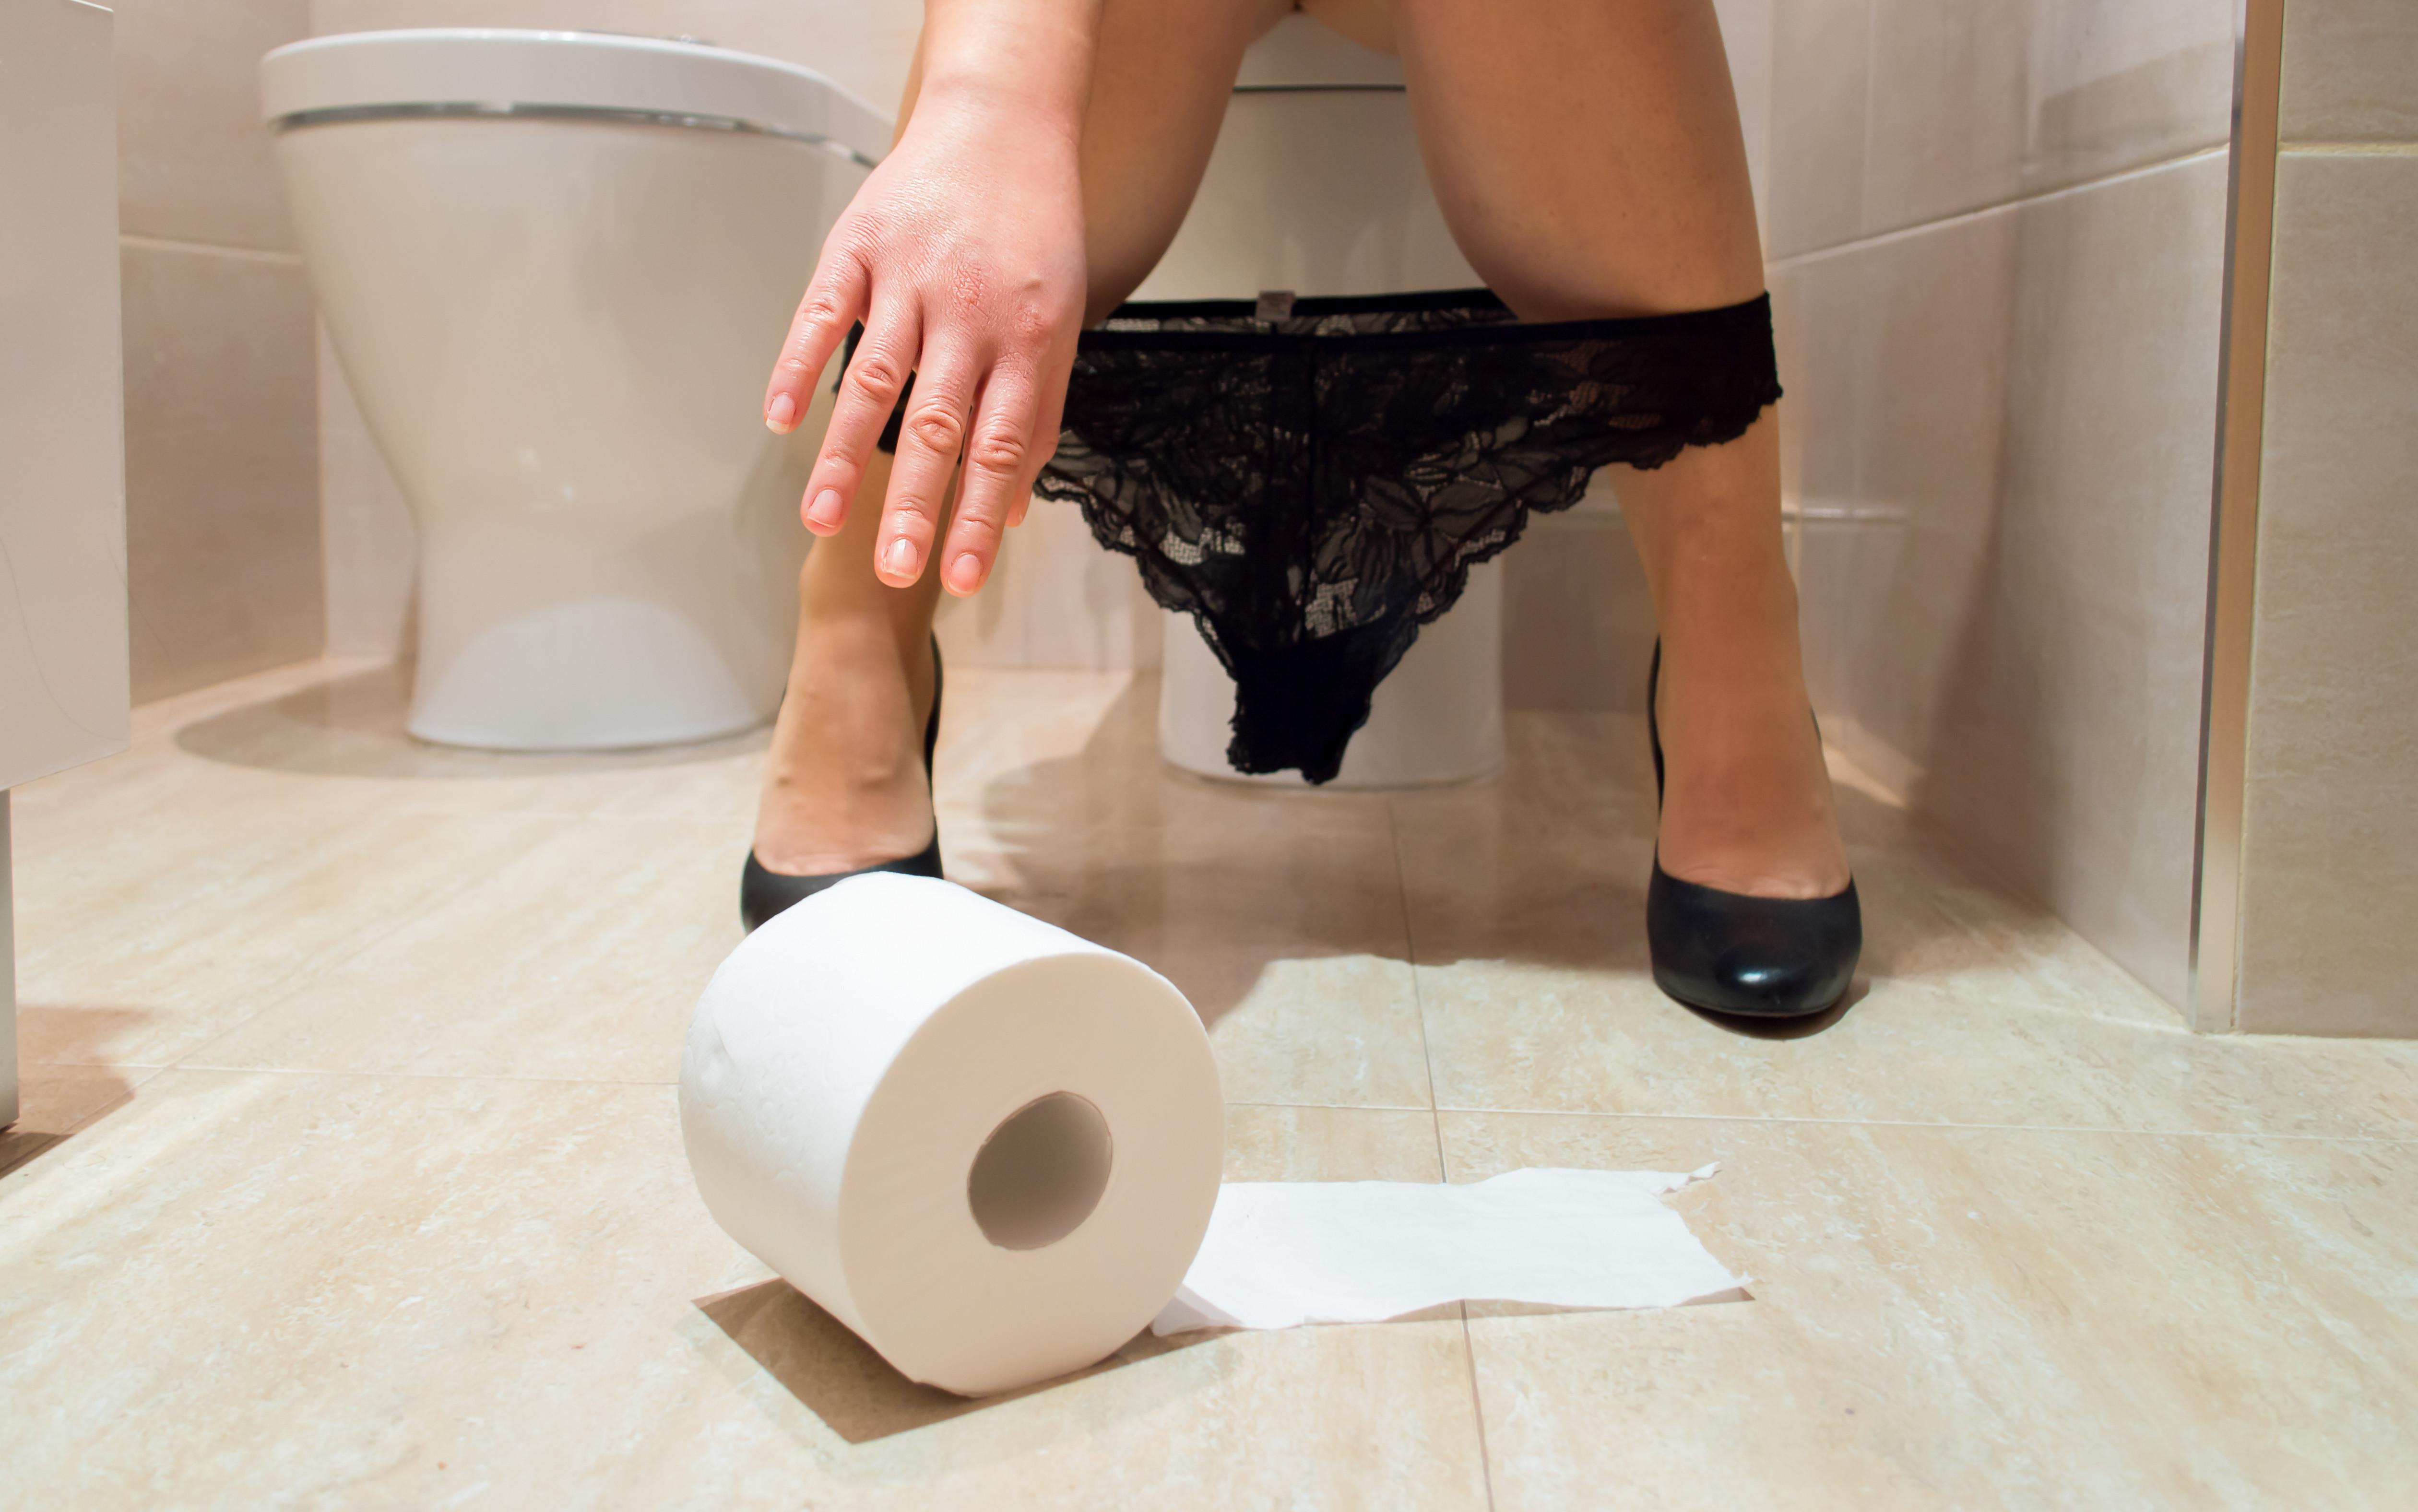 Porque alguns indivíduos não conseguem urinar com outra pessoa presente?